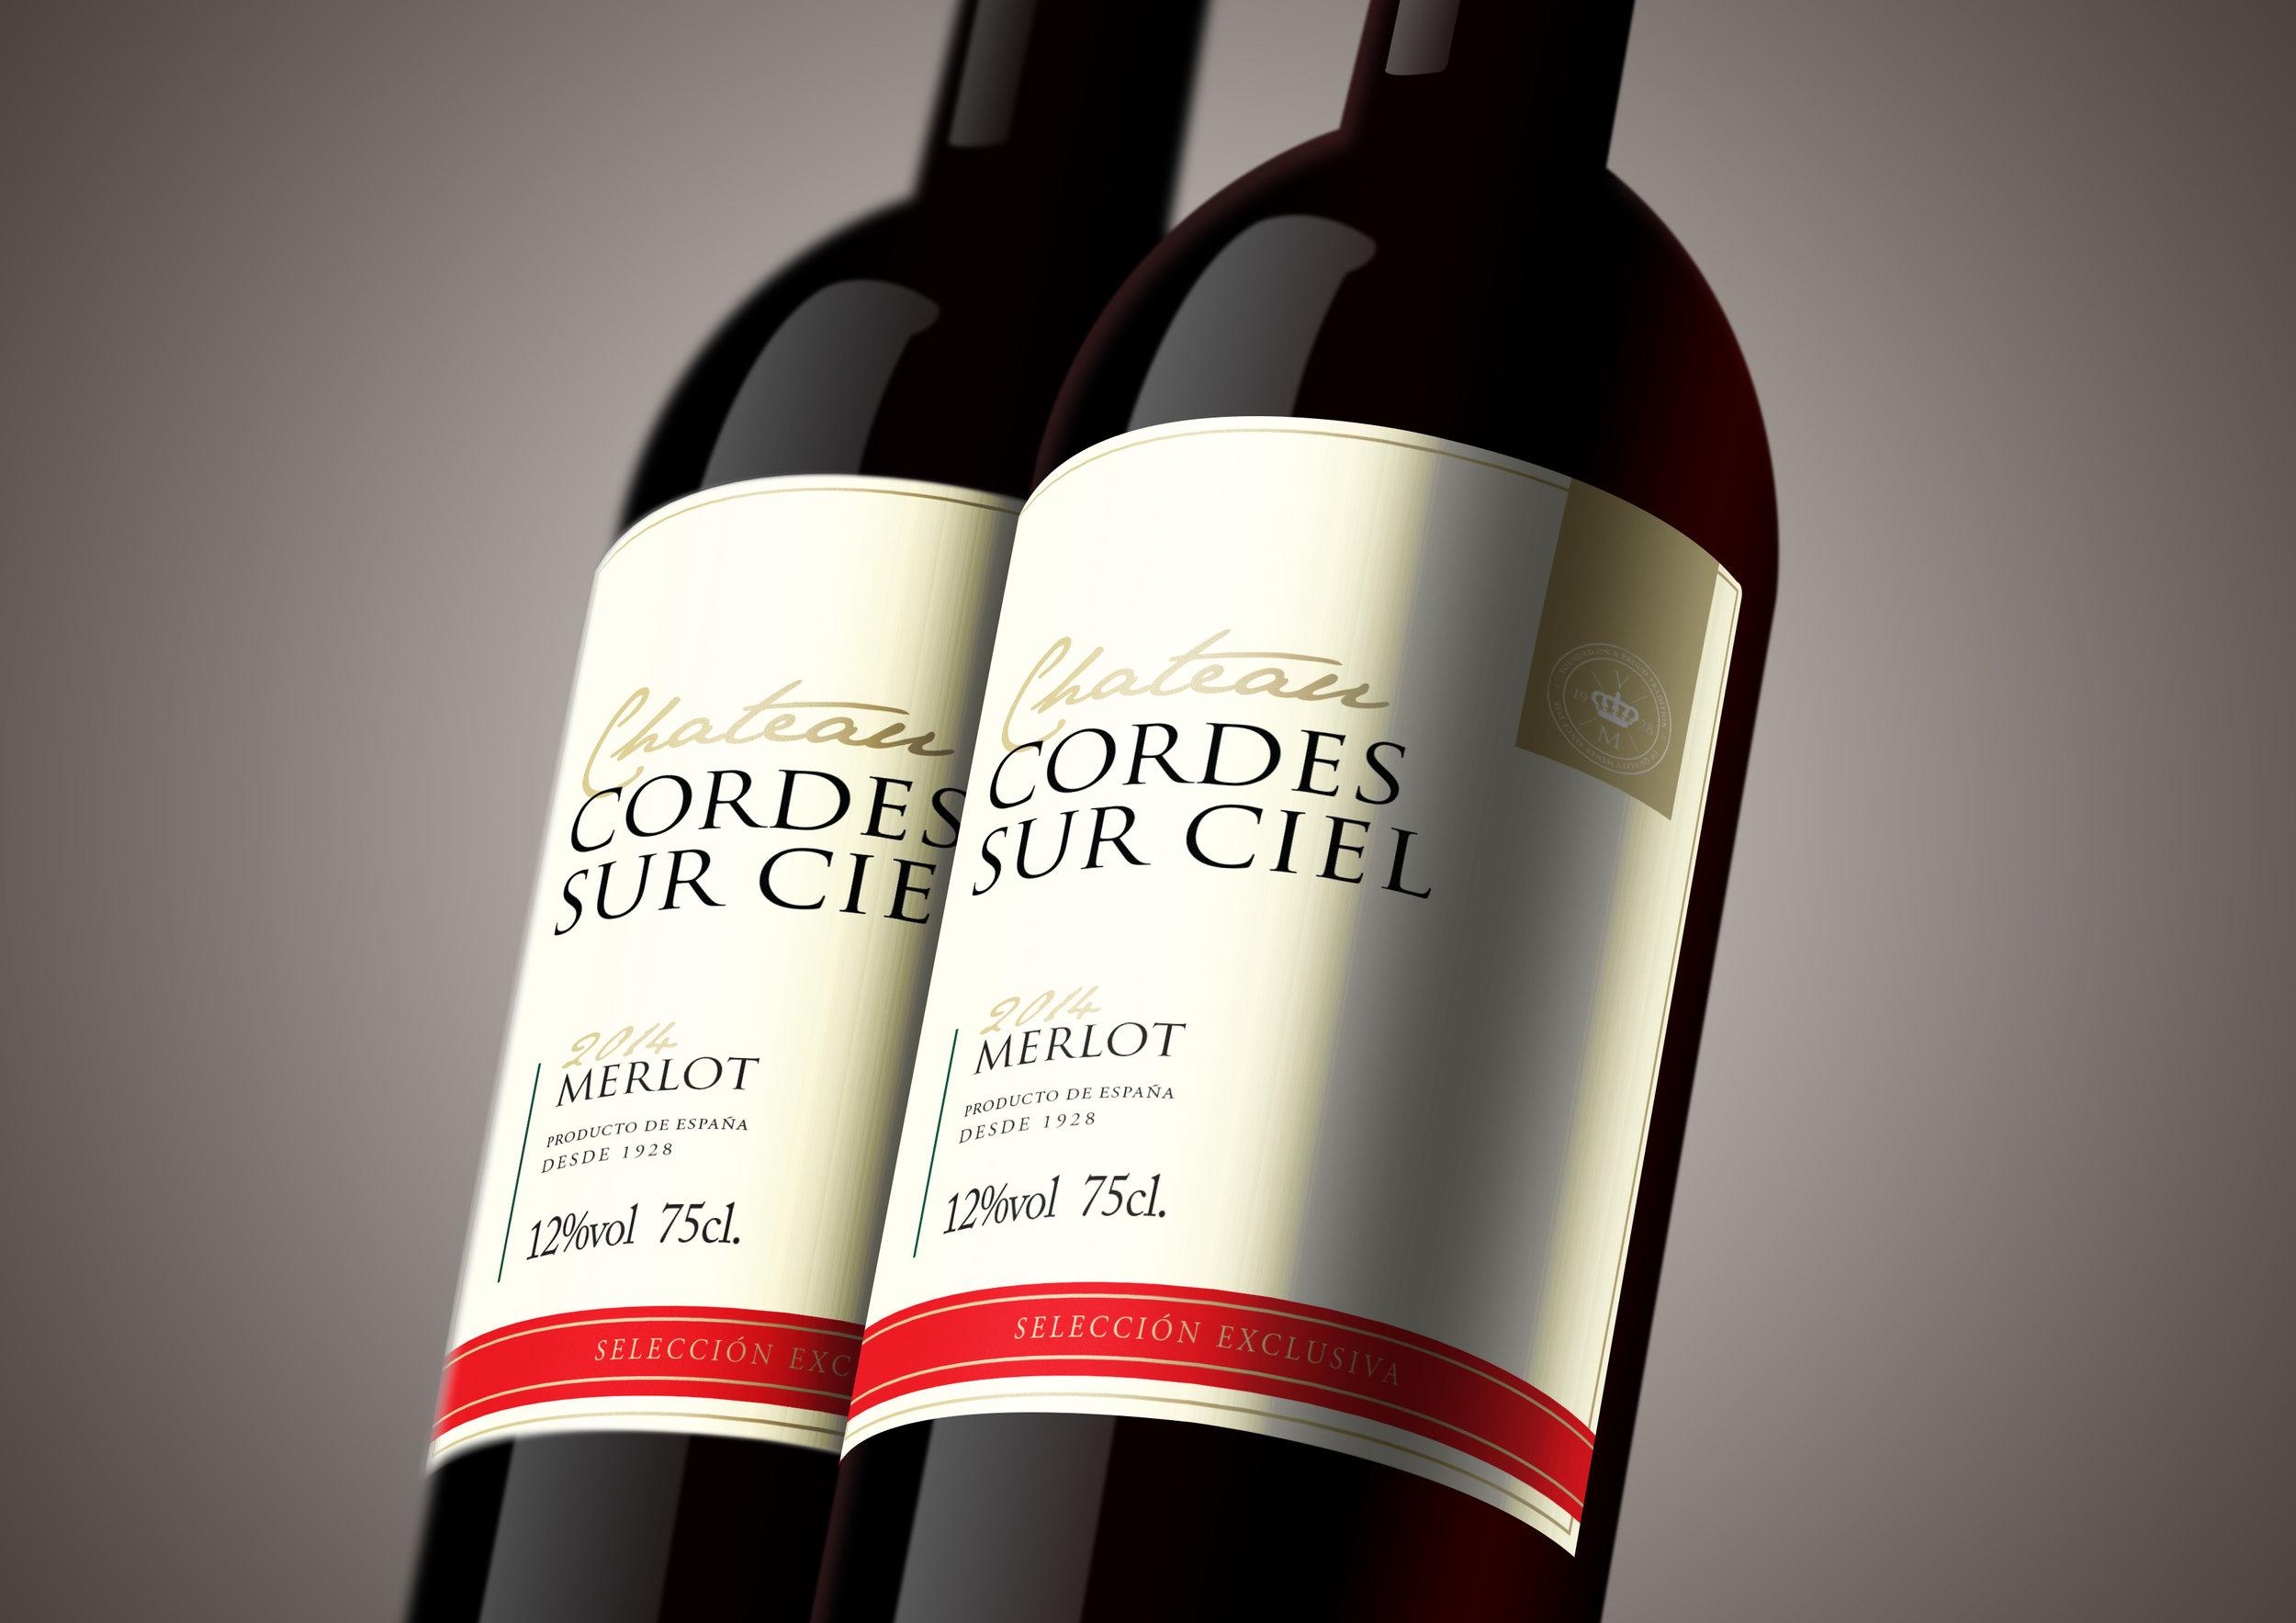 Chateau Cordes Sur Ciel 2 bottle shot.jpg